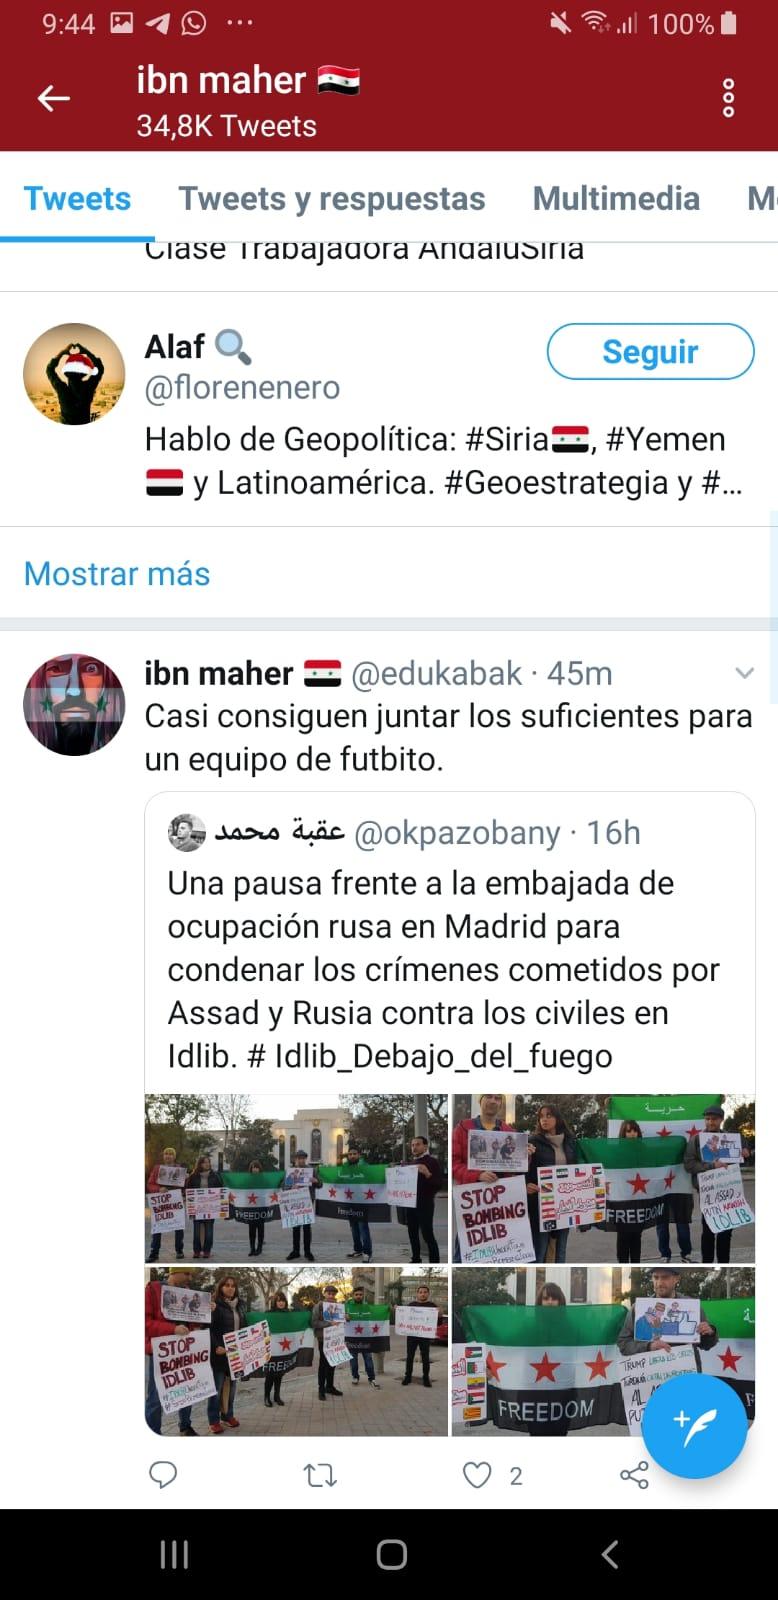 Extracto de la cuenta de twitter de @Okpazobany